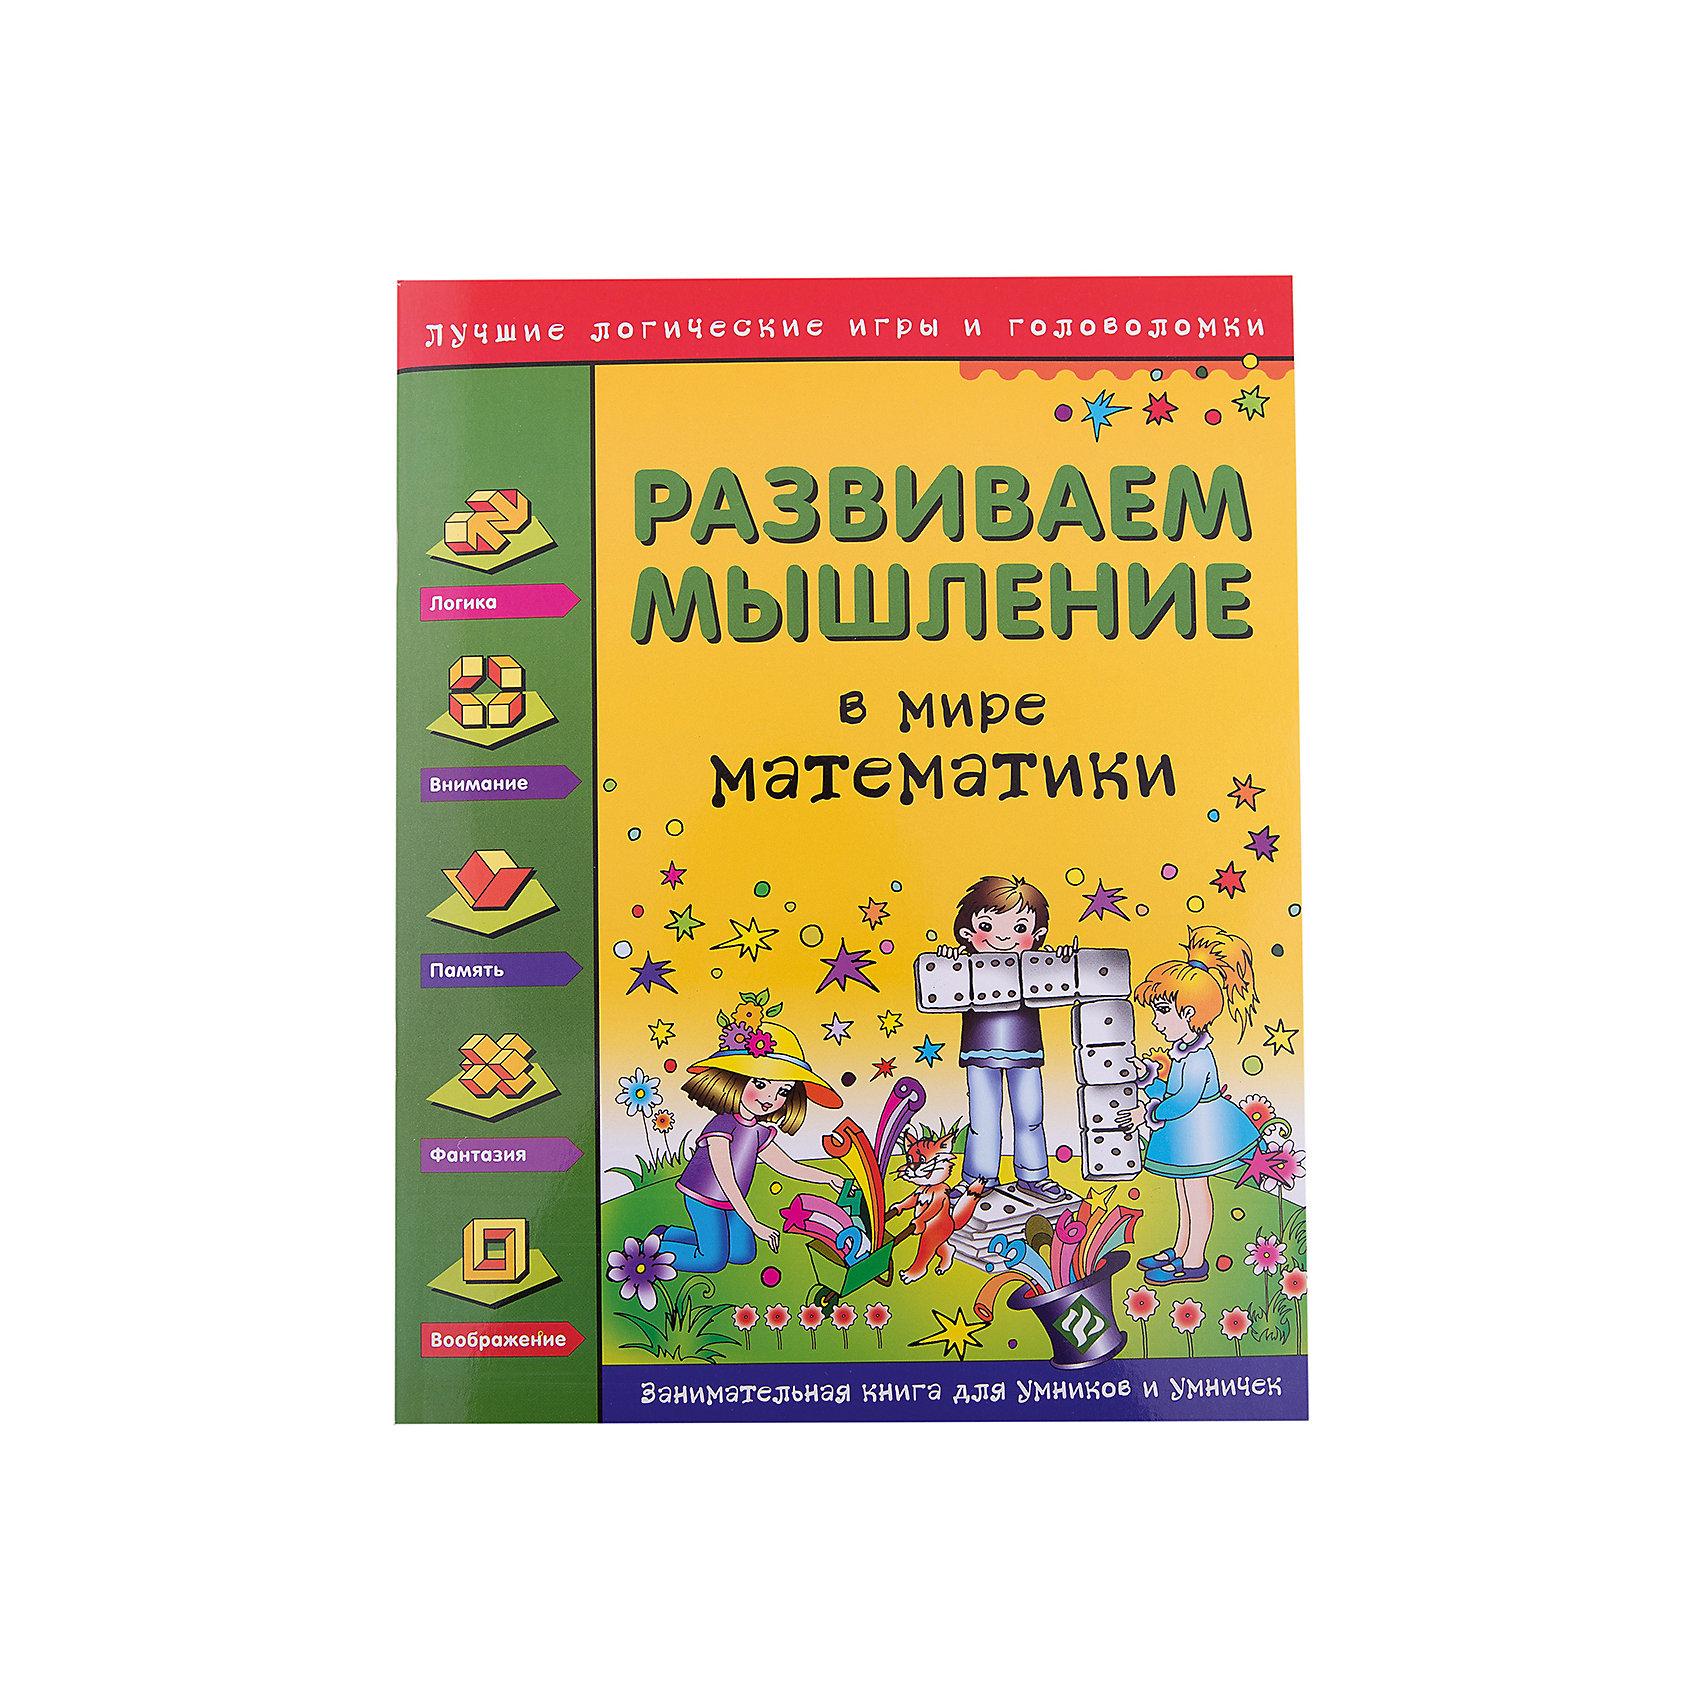 Развиваем мышление, В мире математикиПособия для обучения счёту<br>Сборник развивающих заданий Развиваем мышление, В мире математики созданный ведущими специалистами, предлагает учащимся начальной школы задания, которые помогут развить нестандартное мышление и способность решать самые разнообразные задачи. Занимаясь по<br>книге, юный ученик будет совершенствовать навыки чтения и счёта, развивать речь и воображение, учиться рассуждать, понимать и решать нескучные задания. В книге использован один из основных принципов современной педагогики - обучение в процессе игры. Задачки и<br>математические головоломки - разноуровневые, выполнение заданий - добровольное. Для младшего школьного возраста.<br><br><br>Дополнительная информация:<br><br>- Автор: Н. И. Гордиенко, С. А. Гордиенко.<br>- Серия: Лучшие логические игры и головоломки.<br>- Обложка: мягкая.<br>- Иллюстрации: цветные.<br>- Объем: 64 стр.<br>- Размер: 26 x 0,5 x 20,5 см.<br>- Вес: 168 гр.<br><br>Книгу Развиваем мышление, В мире математики, Феникс-Премьер, можно купить в нашем интернет-магазине.<br><br>Ширина мм: 259<br>Глубина мм: 204<br>Высота мм: 4<br>Вес г: 2016<br>Возраст от месяцев: 24<br>Возраст до месяцев: 72<br>Пол: Унисекс<br>Возраст: Детский<br>SKU: 4771405